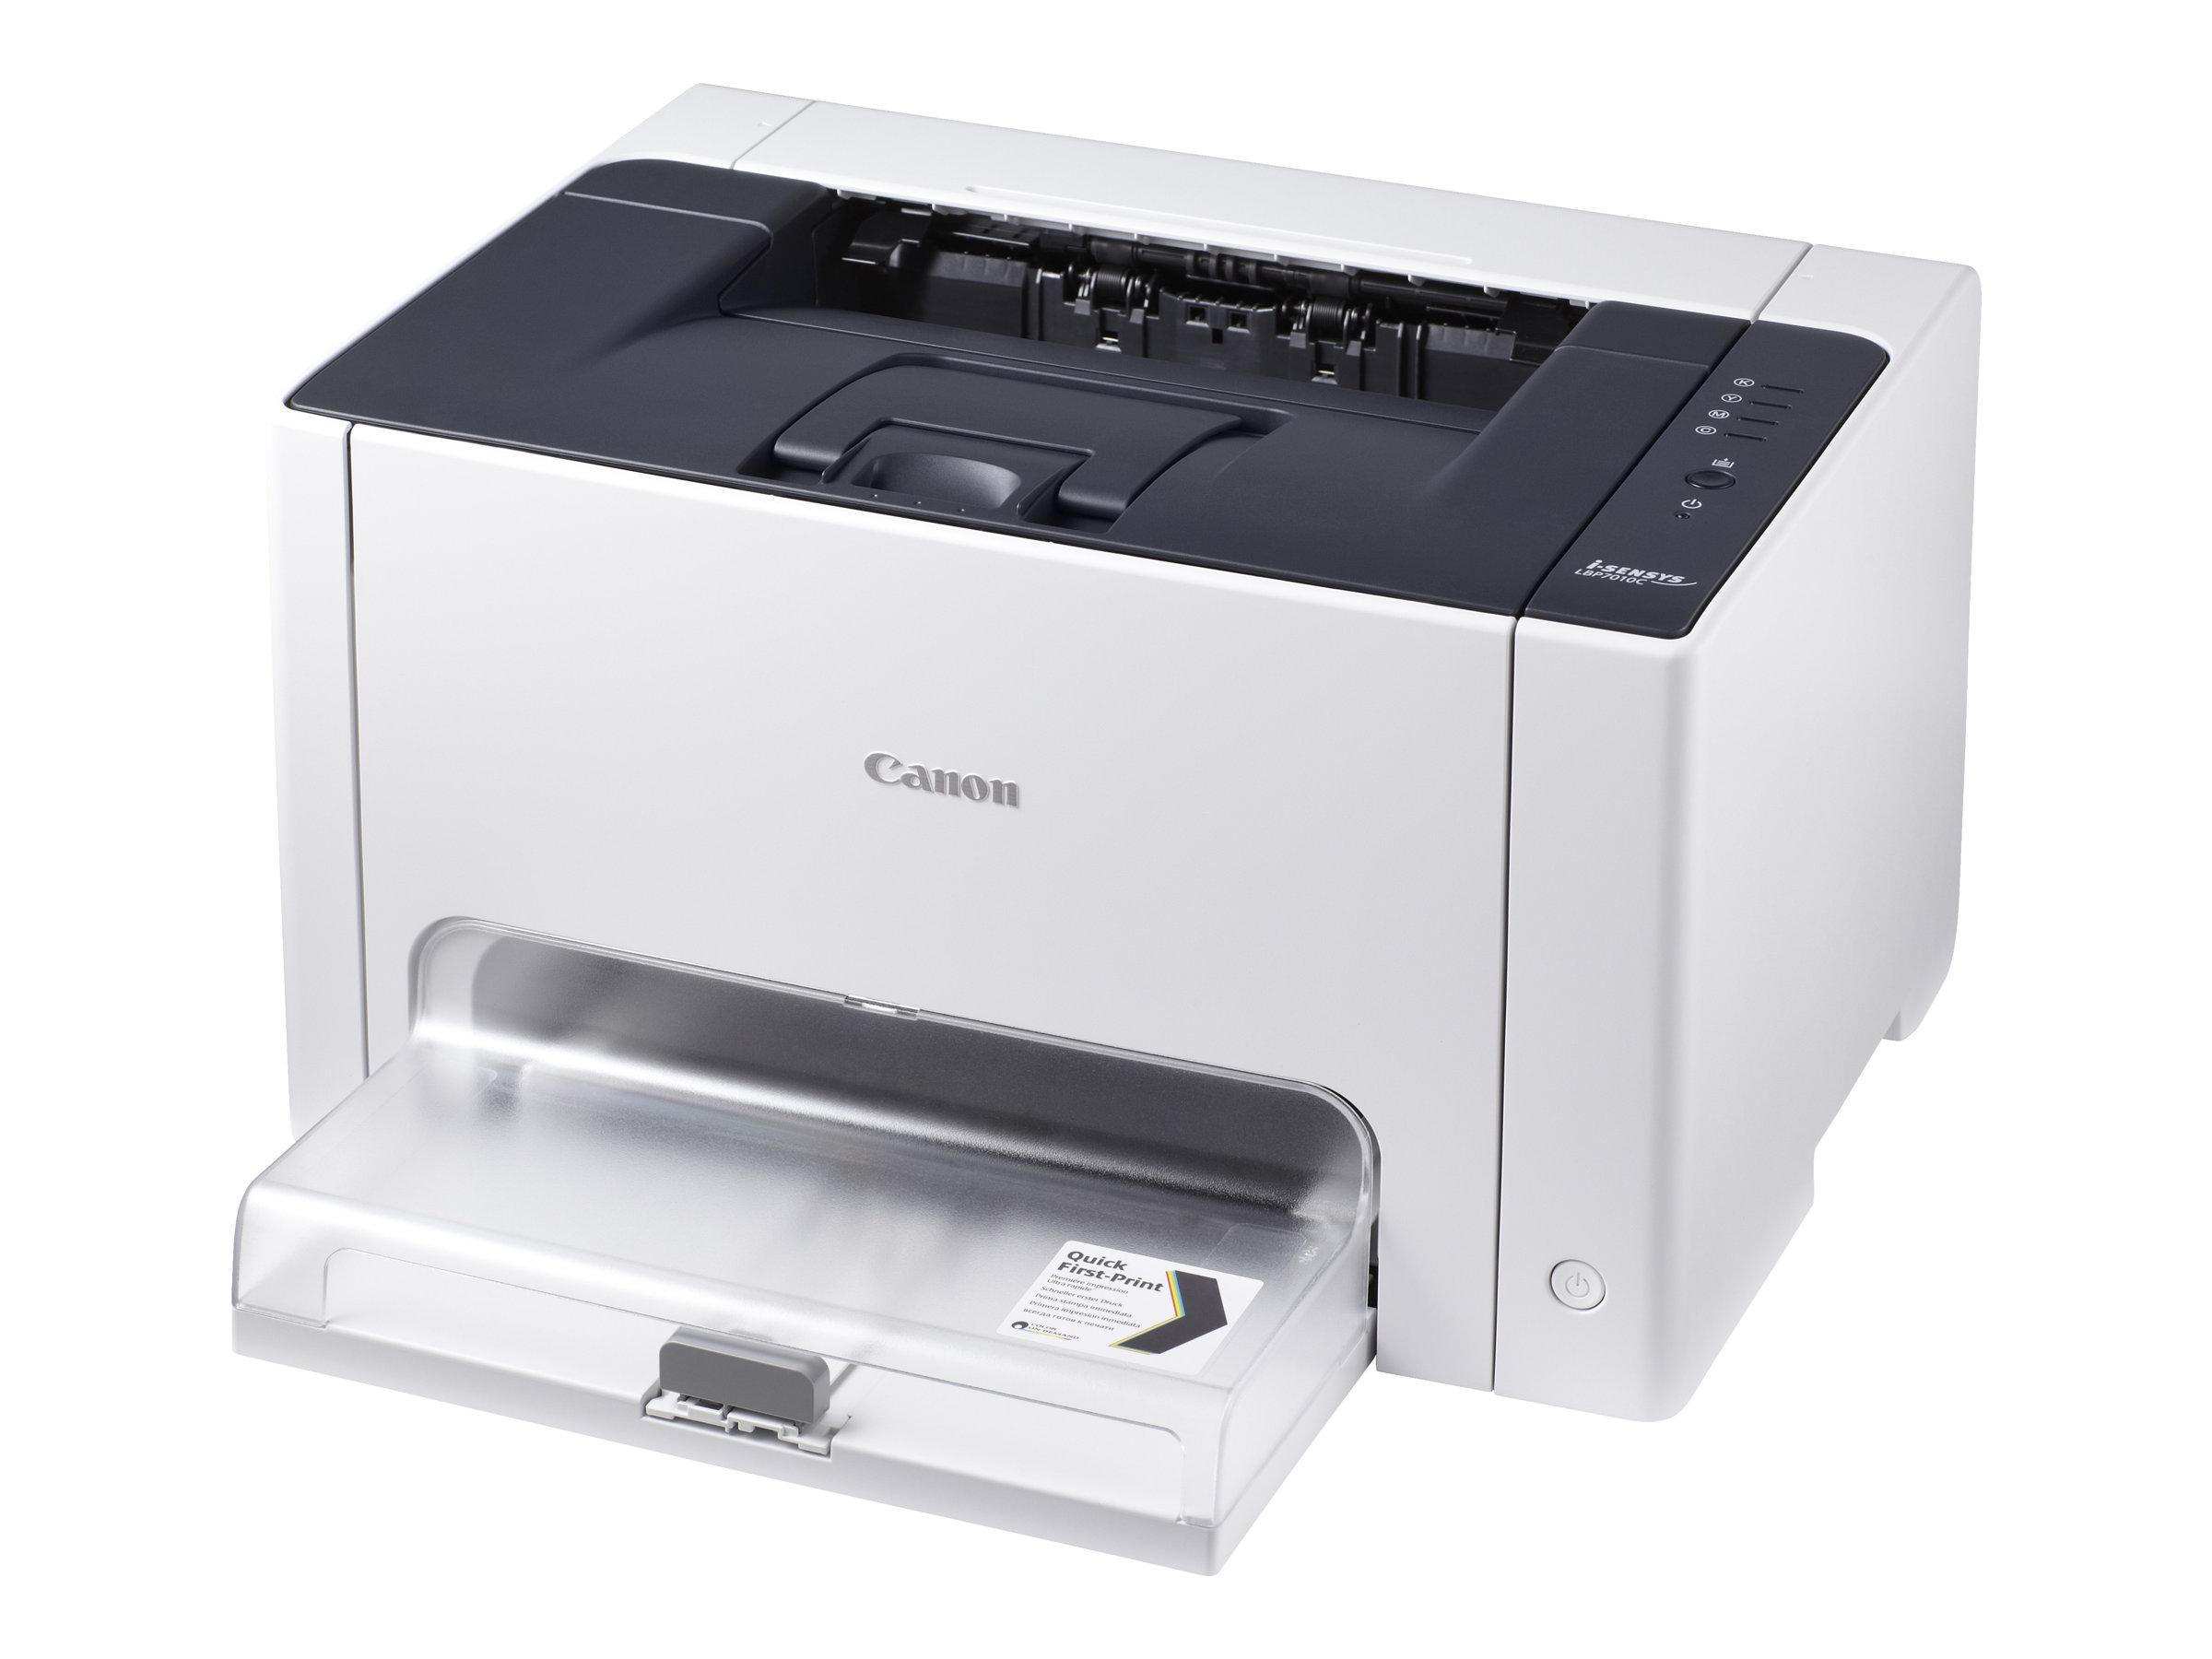 Canon i-SENSYS LBP7010C - Drucker - Farbe - Laser - A4/Legal - bis zu 16 Seiten/Min. (einfarbig)/ bis zu 4 Seiten/Min. (Farbe)